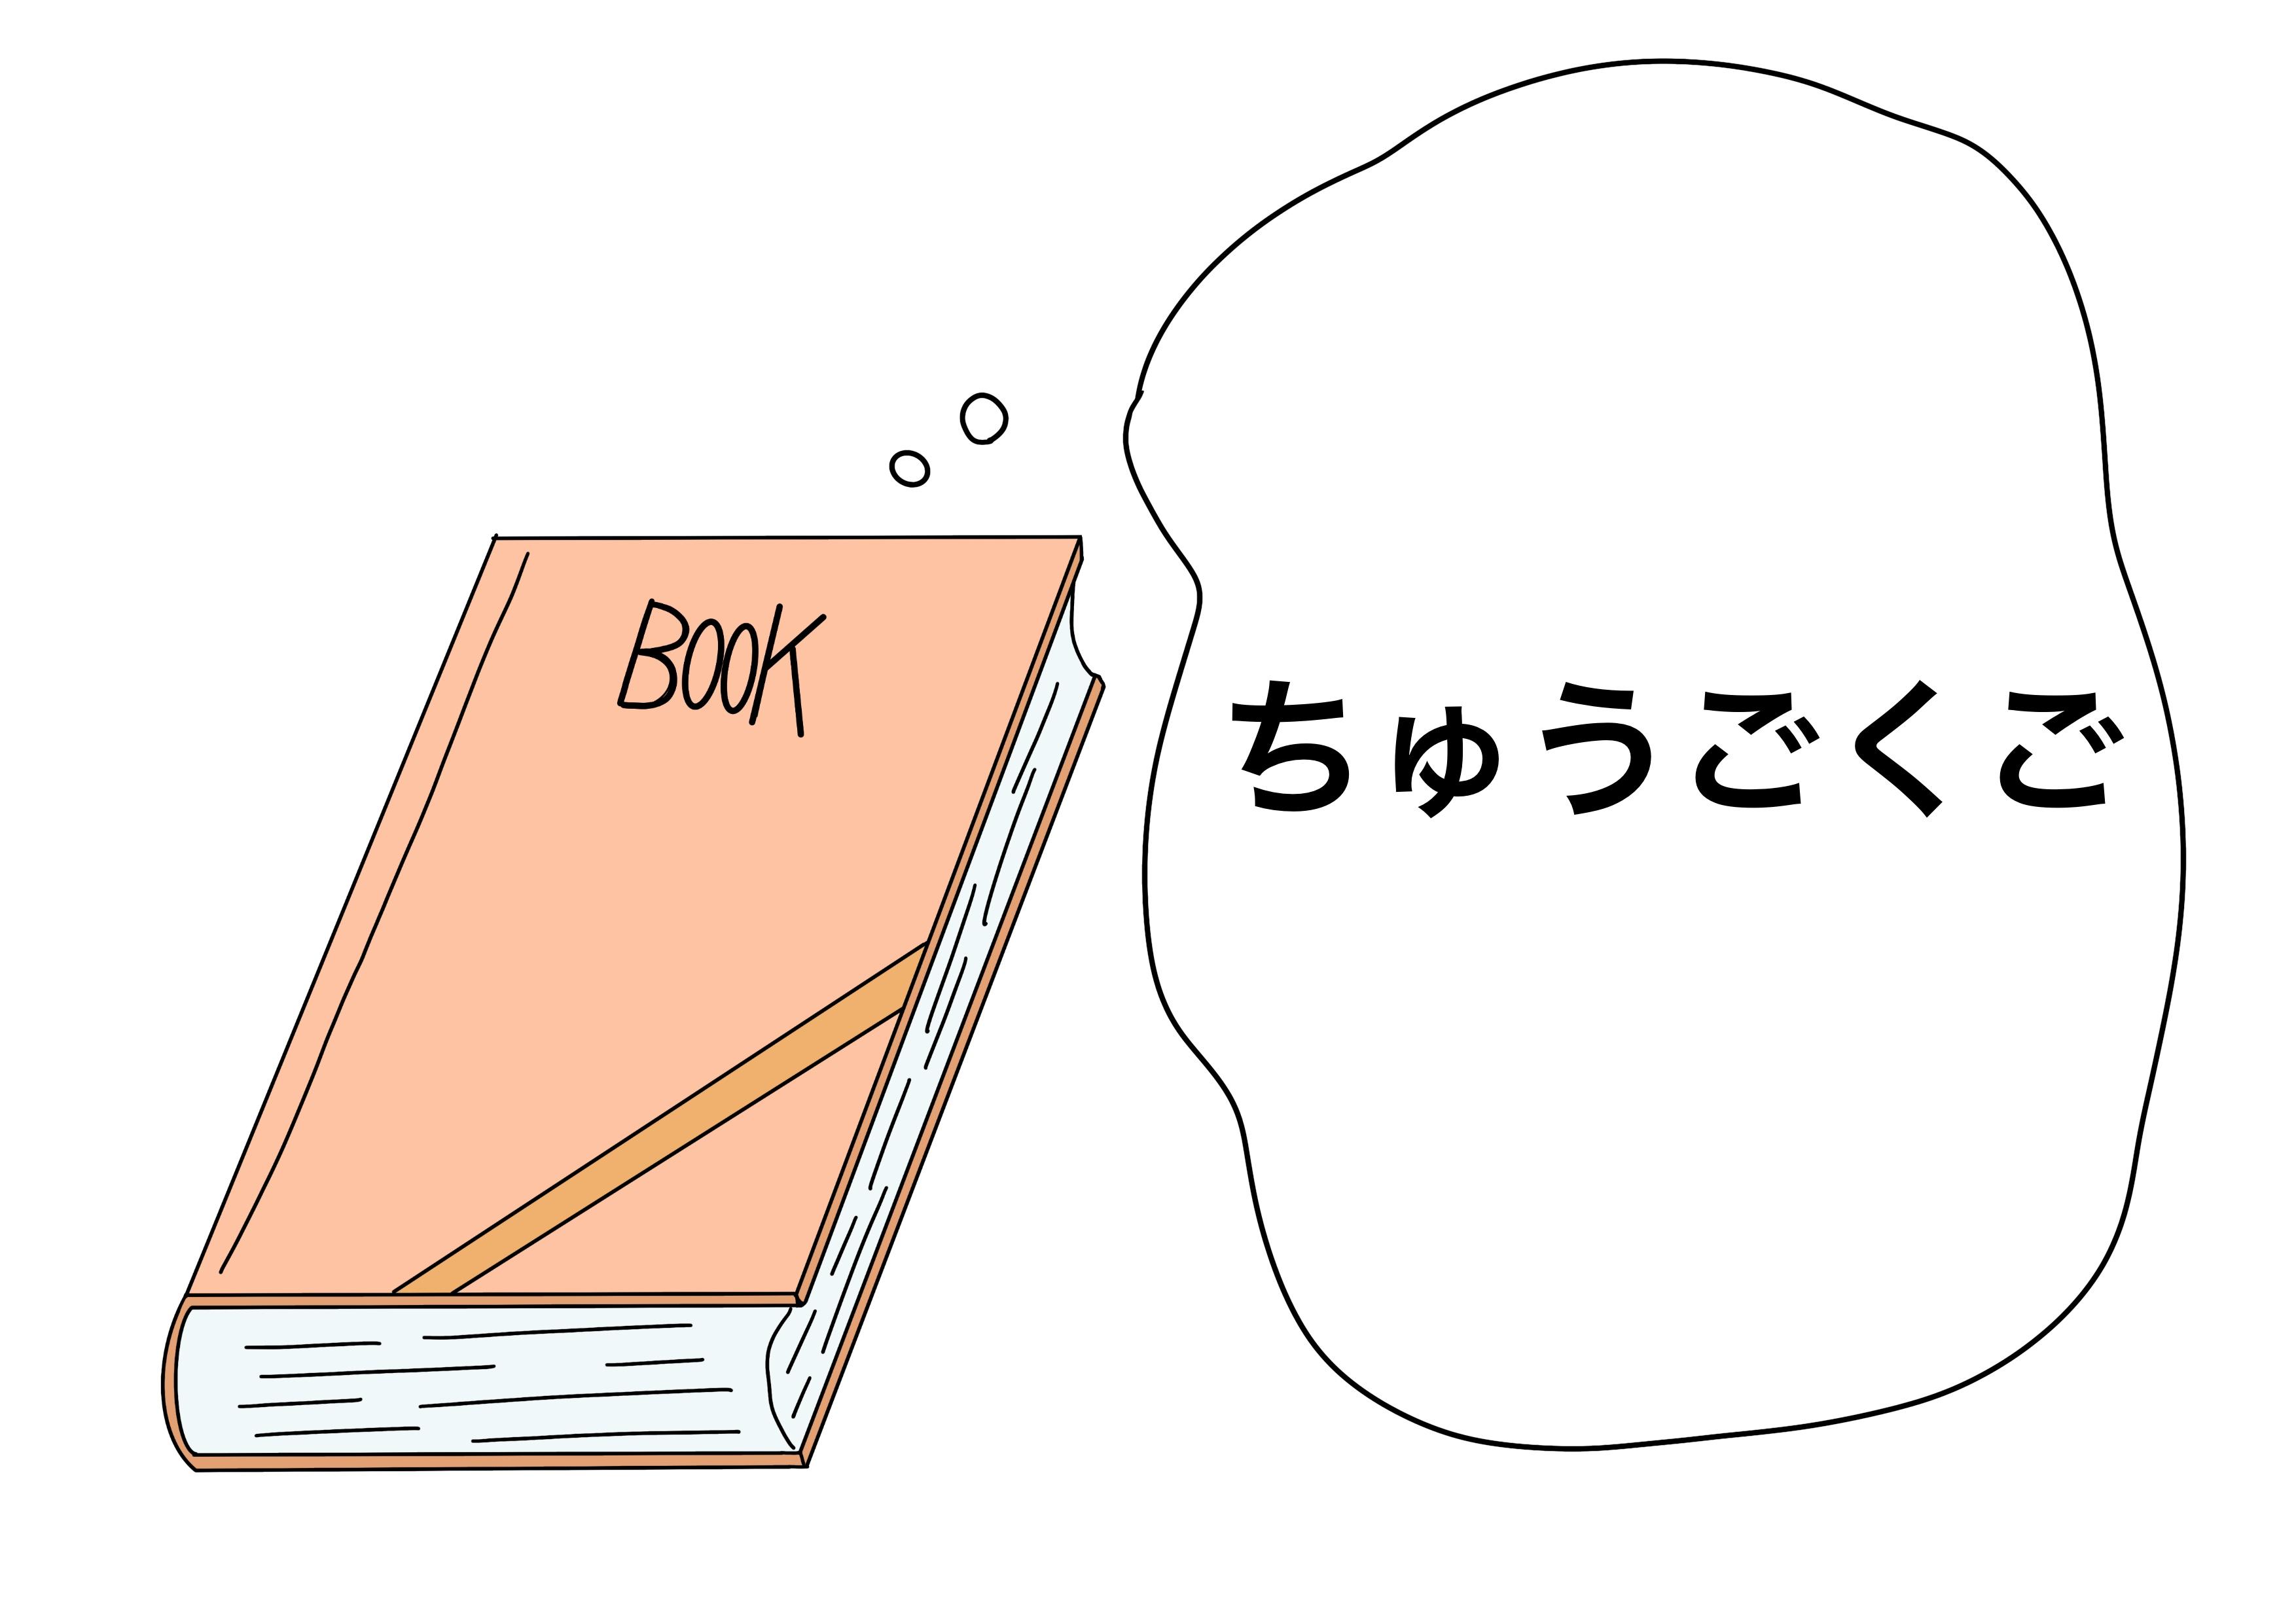 2課イラスト【中国語の本】